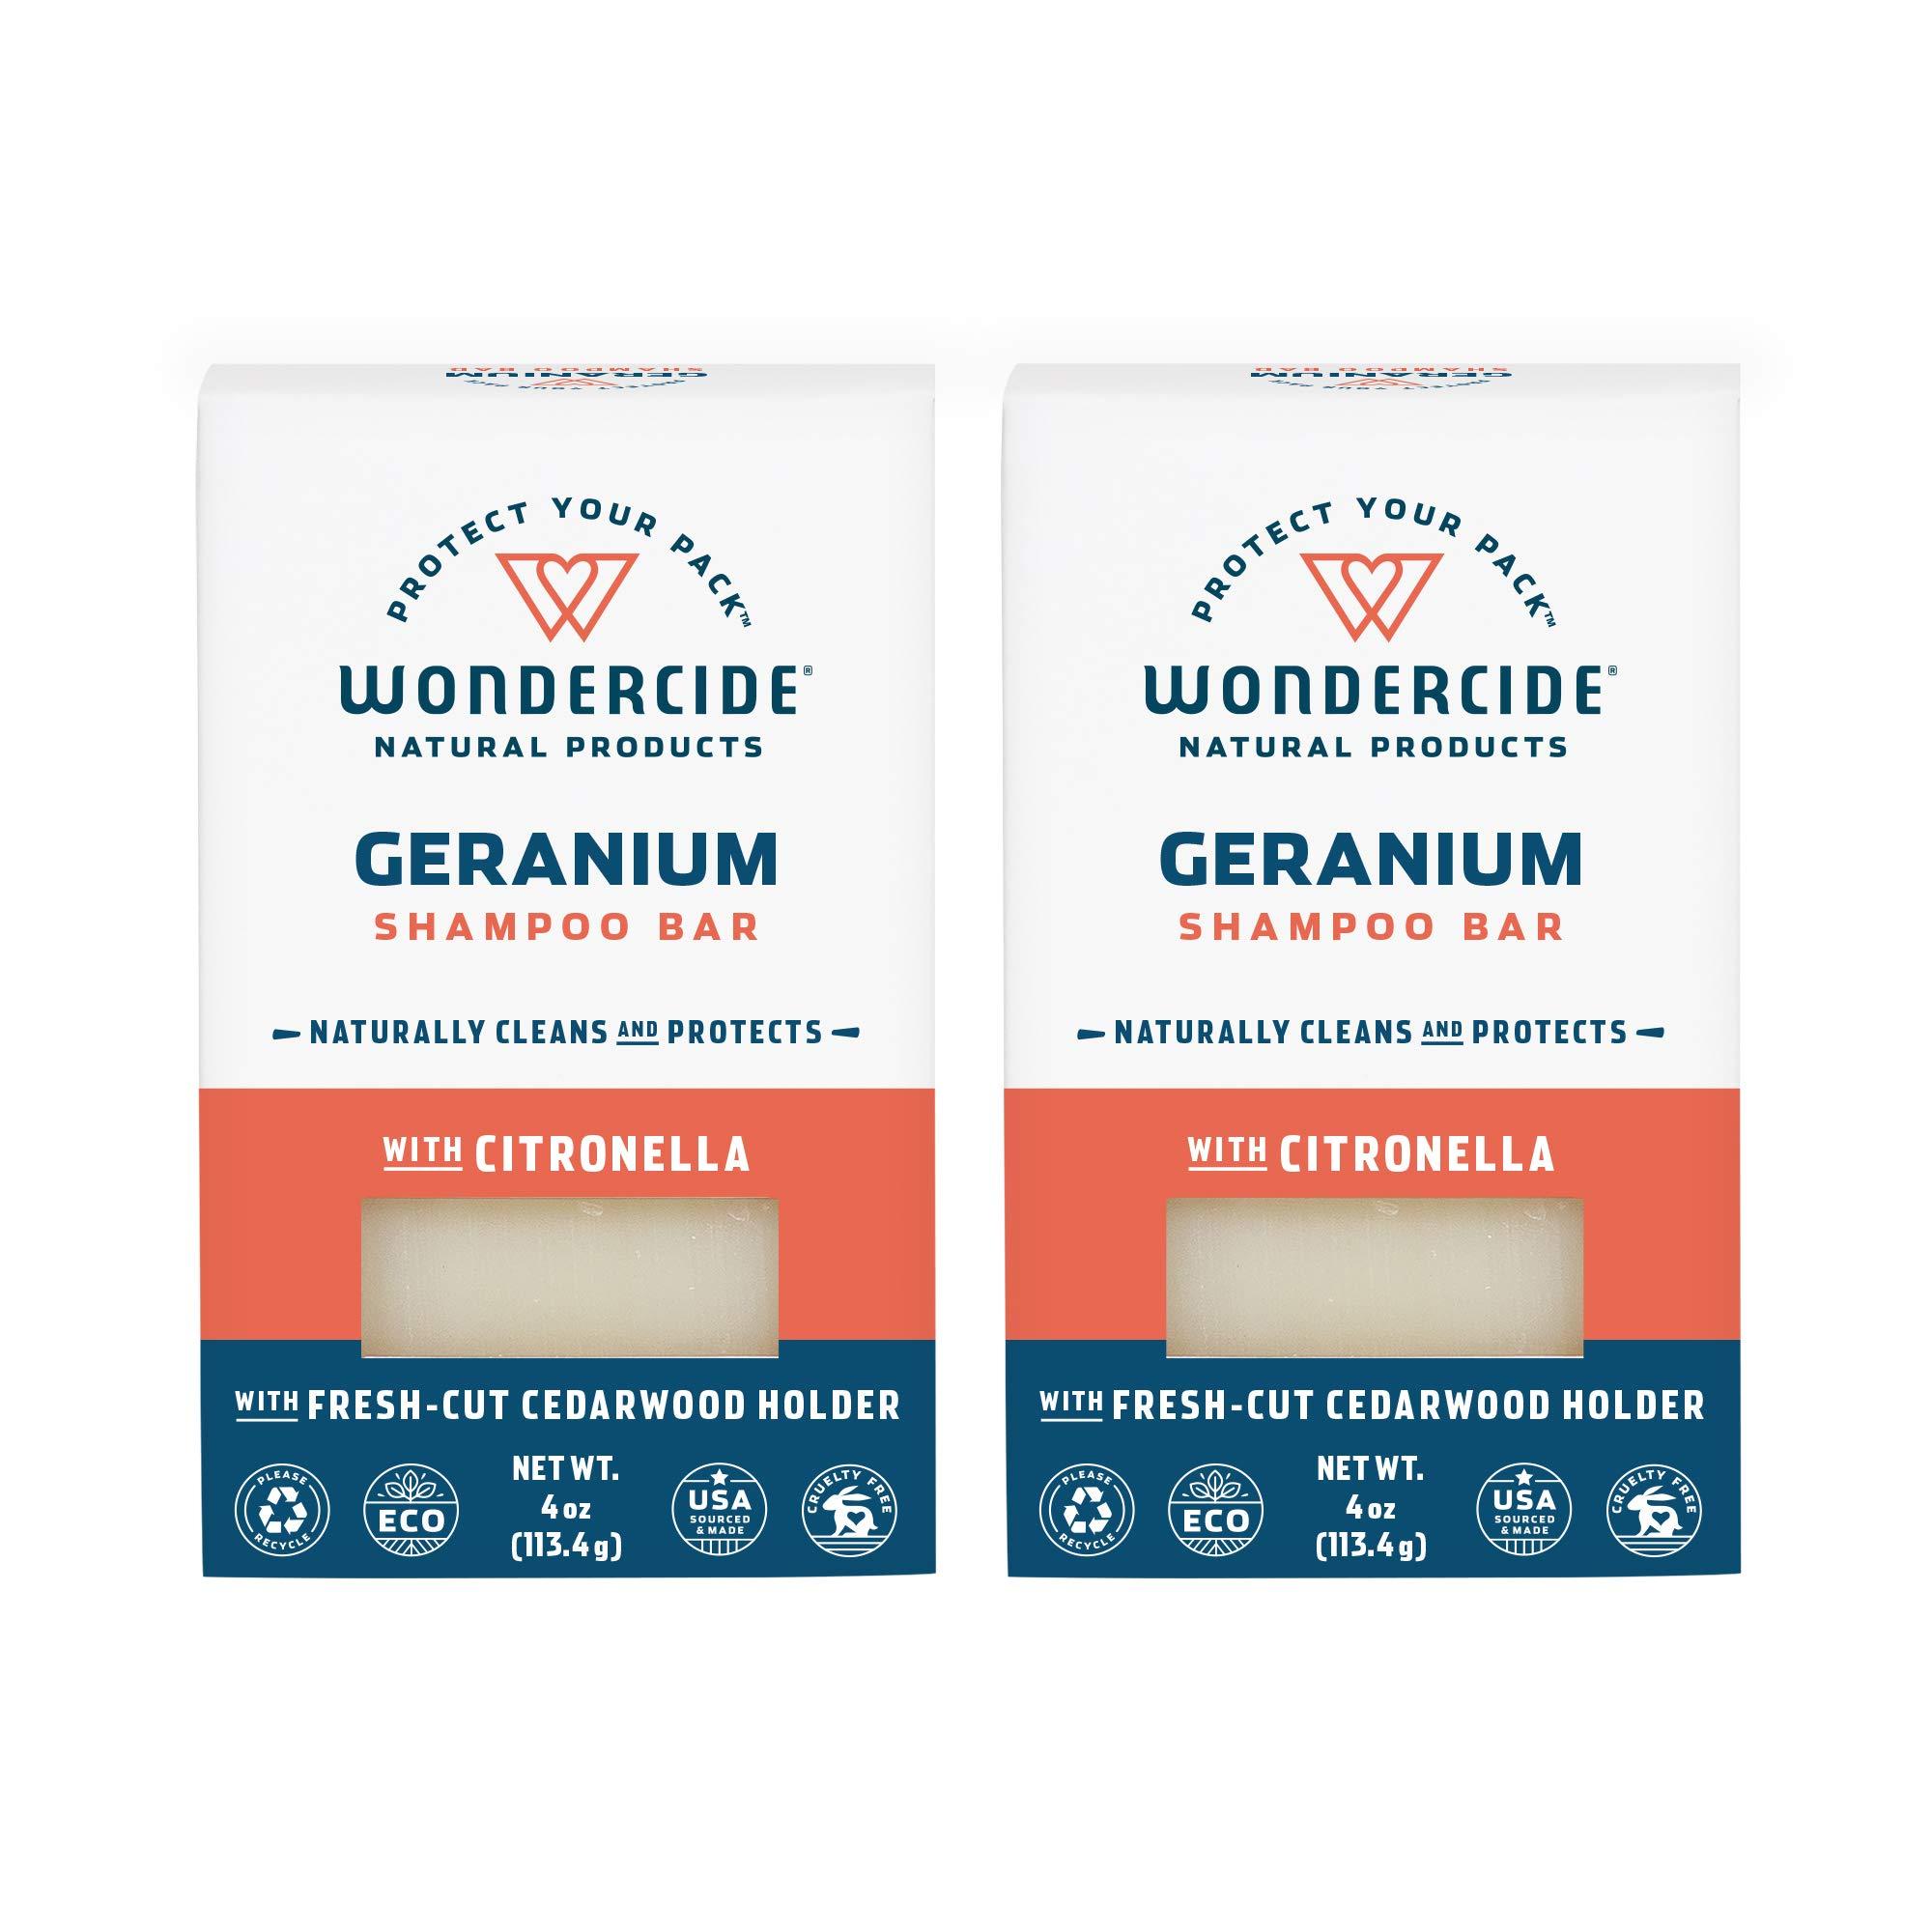 Wondercide Natural Flea & Tick Shampoo Bar for Dogs & Cats — Kills & Repels Fleas — Geranium 4oz Bar